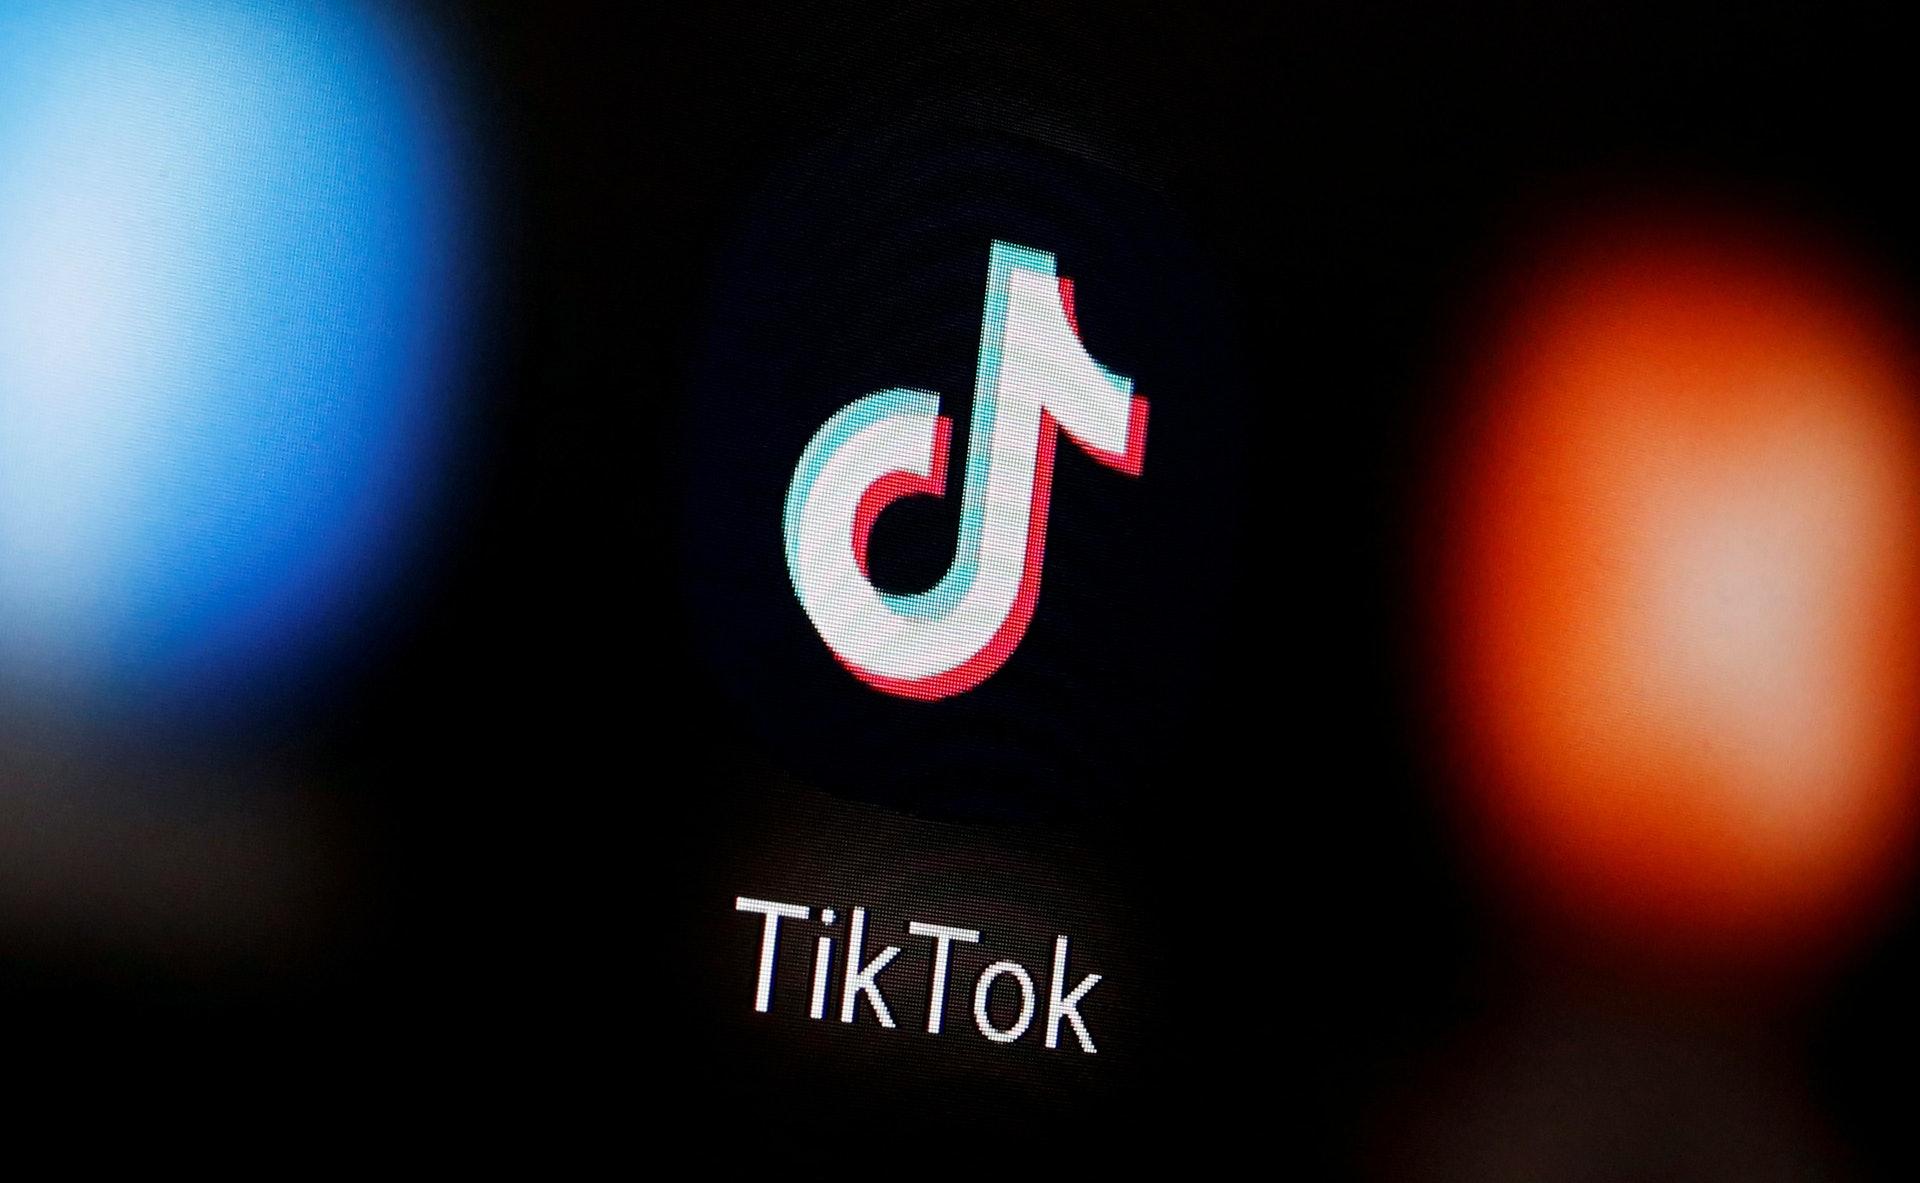 美国「封杀」TikTok:这个应用程式让用户上载有短片,同时提供易用的编辑技巧,让用家可在手机上轻易进行编辑。 图为2020年1月6日的图片,相中可见TikTok标志显示在一部智能手机上。 (Reuters)